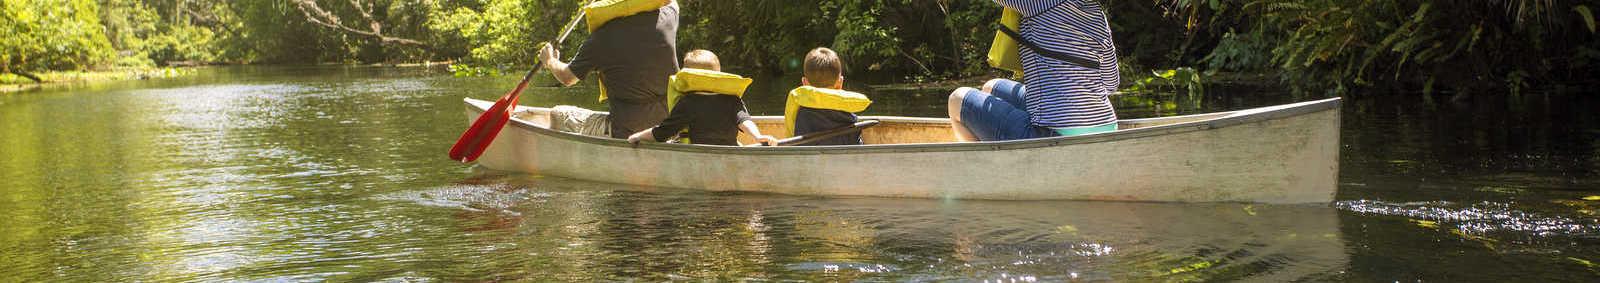 Family canoeing adventure